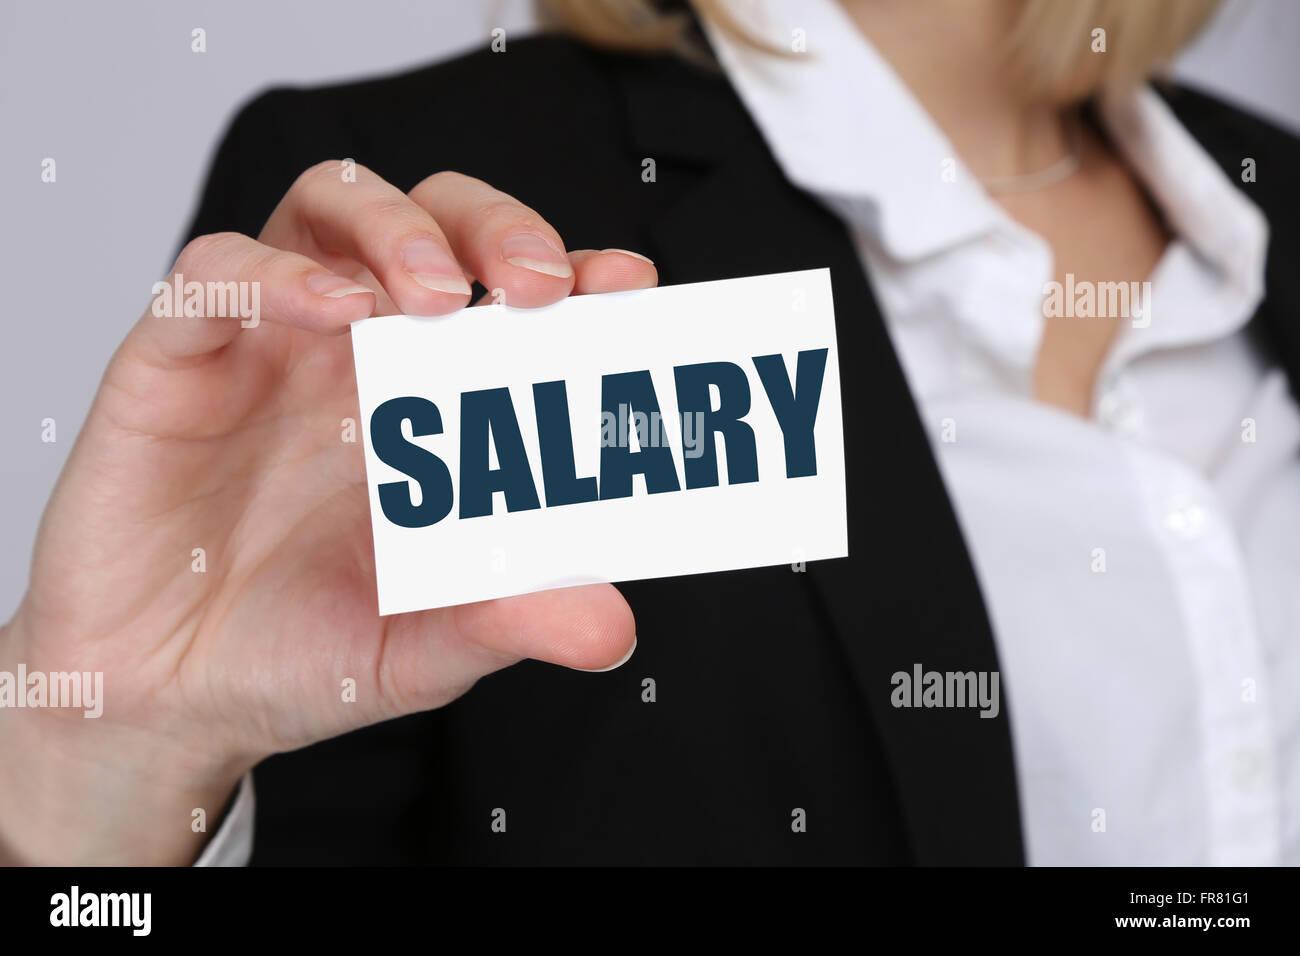 Aumento de sueldo negociación salarial concepto de negocio de finanzas dinero empleado jefe Imagen De Stock